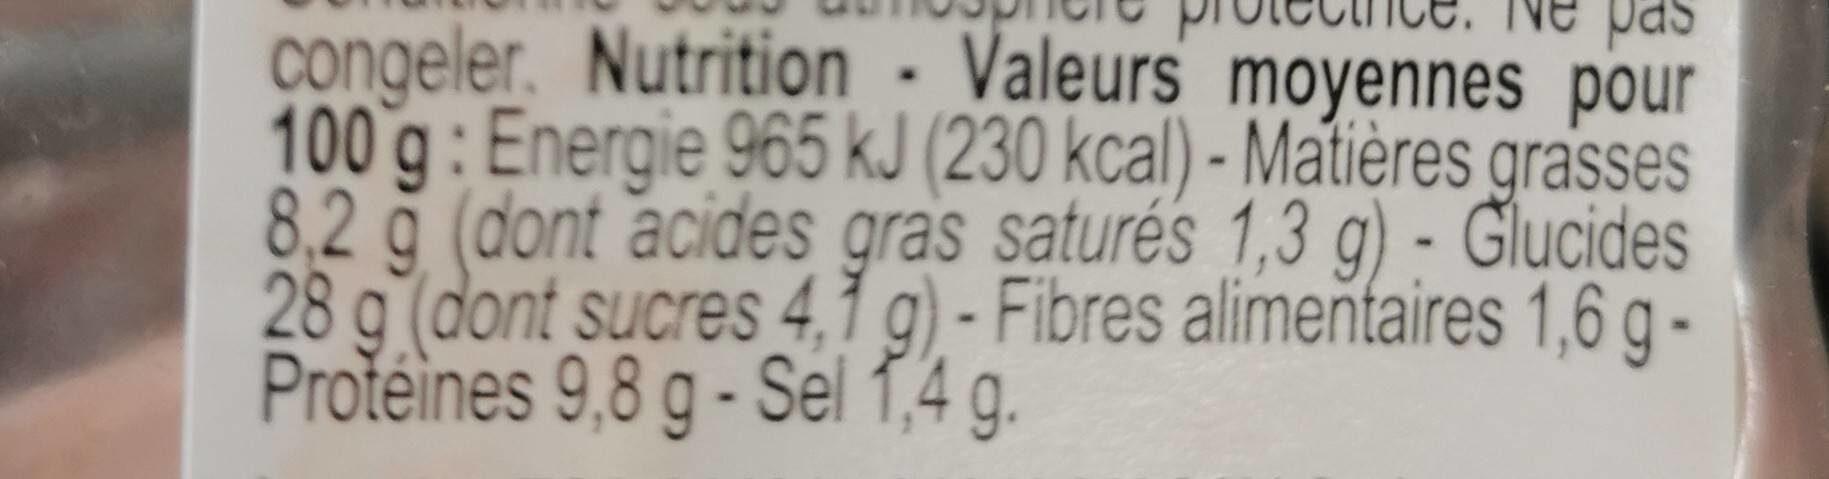 Sandwich Poulet tandoori - Nutrition facts - fr